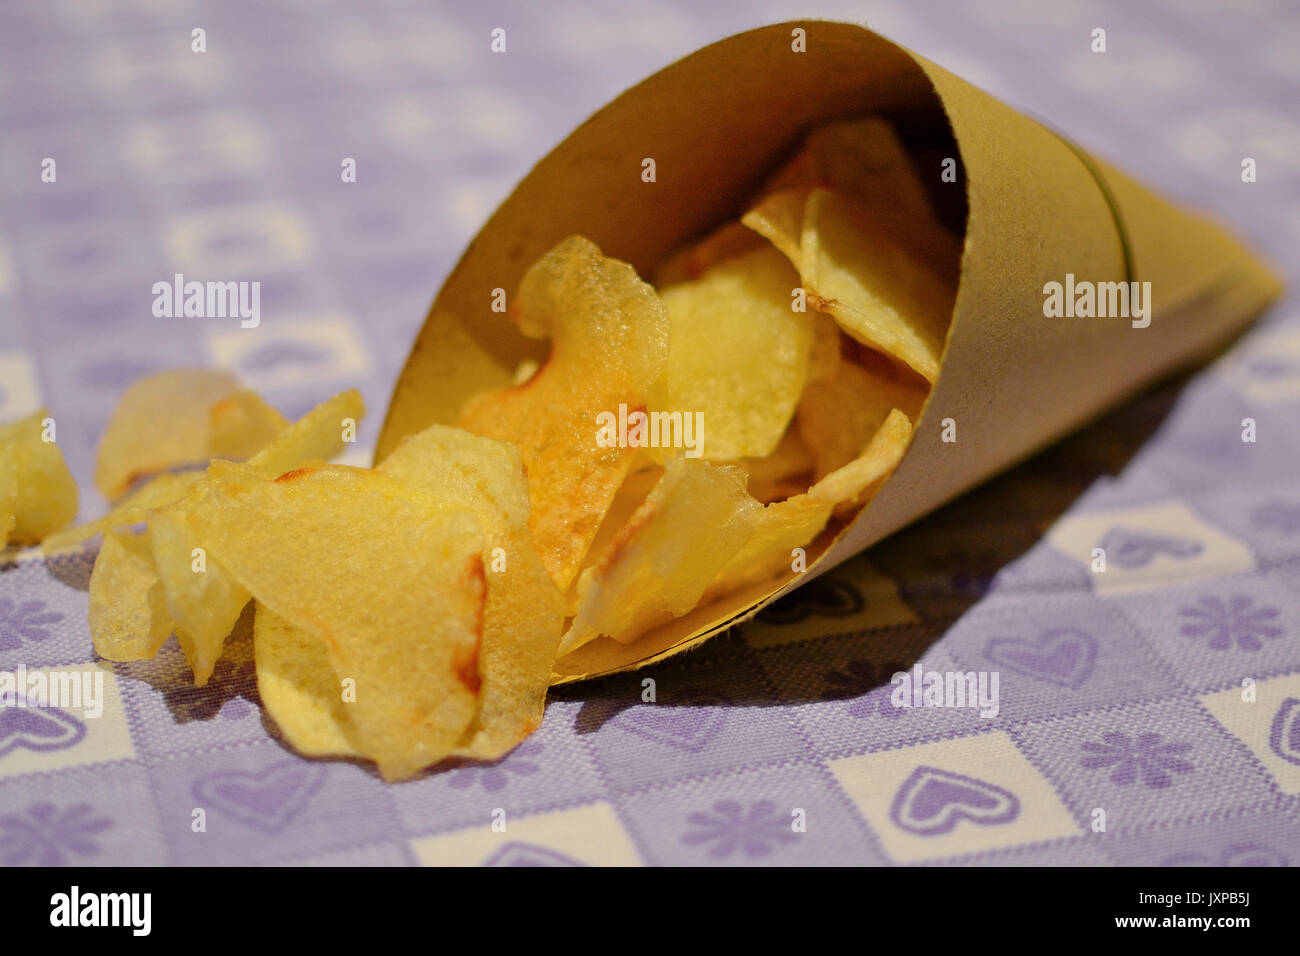 Nahaufnahme, Seite, Ansicht von Kartoffelchips in einem Papier Kegel auf einem Tisch mit einem lila dekorierten Stockbild